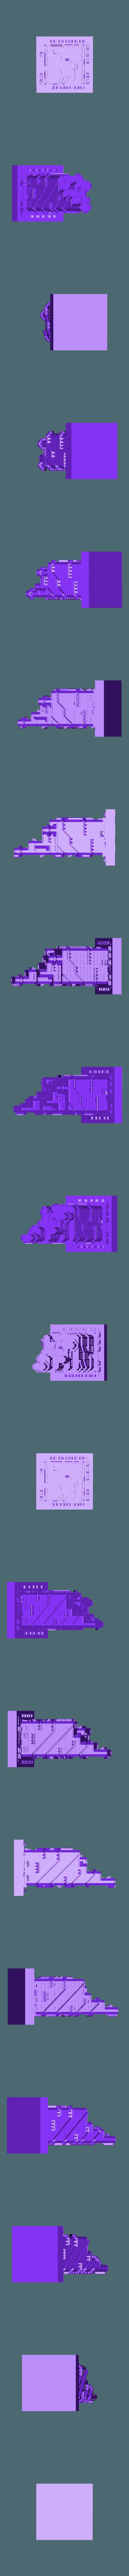 big2.stl Télécharger fichier STL gratuit Bâtiments de procédure • Design pour impression 3D, ferjerez3d